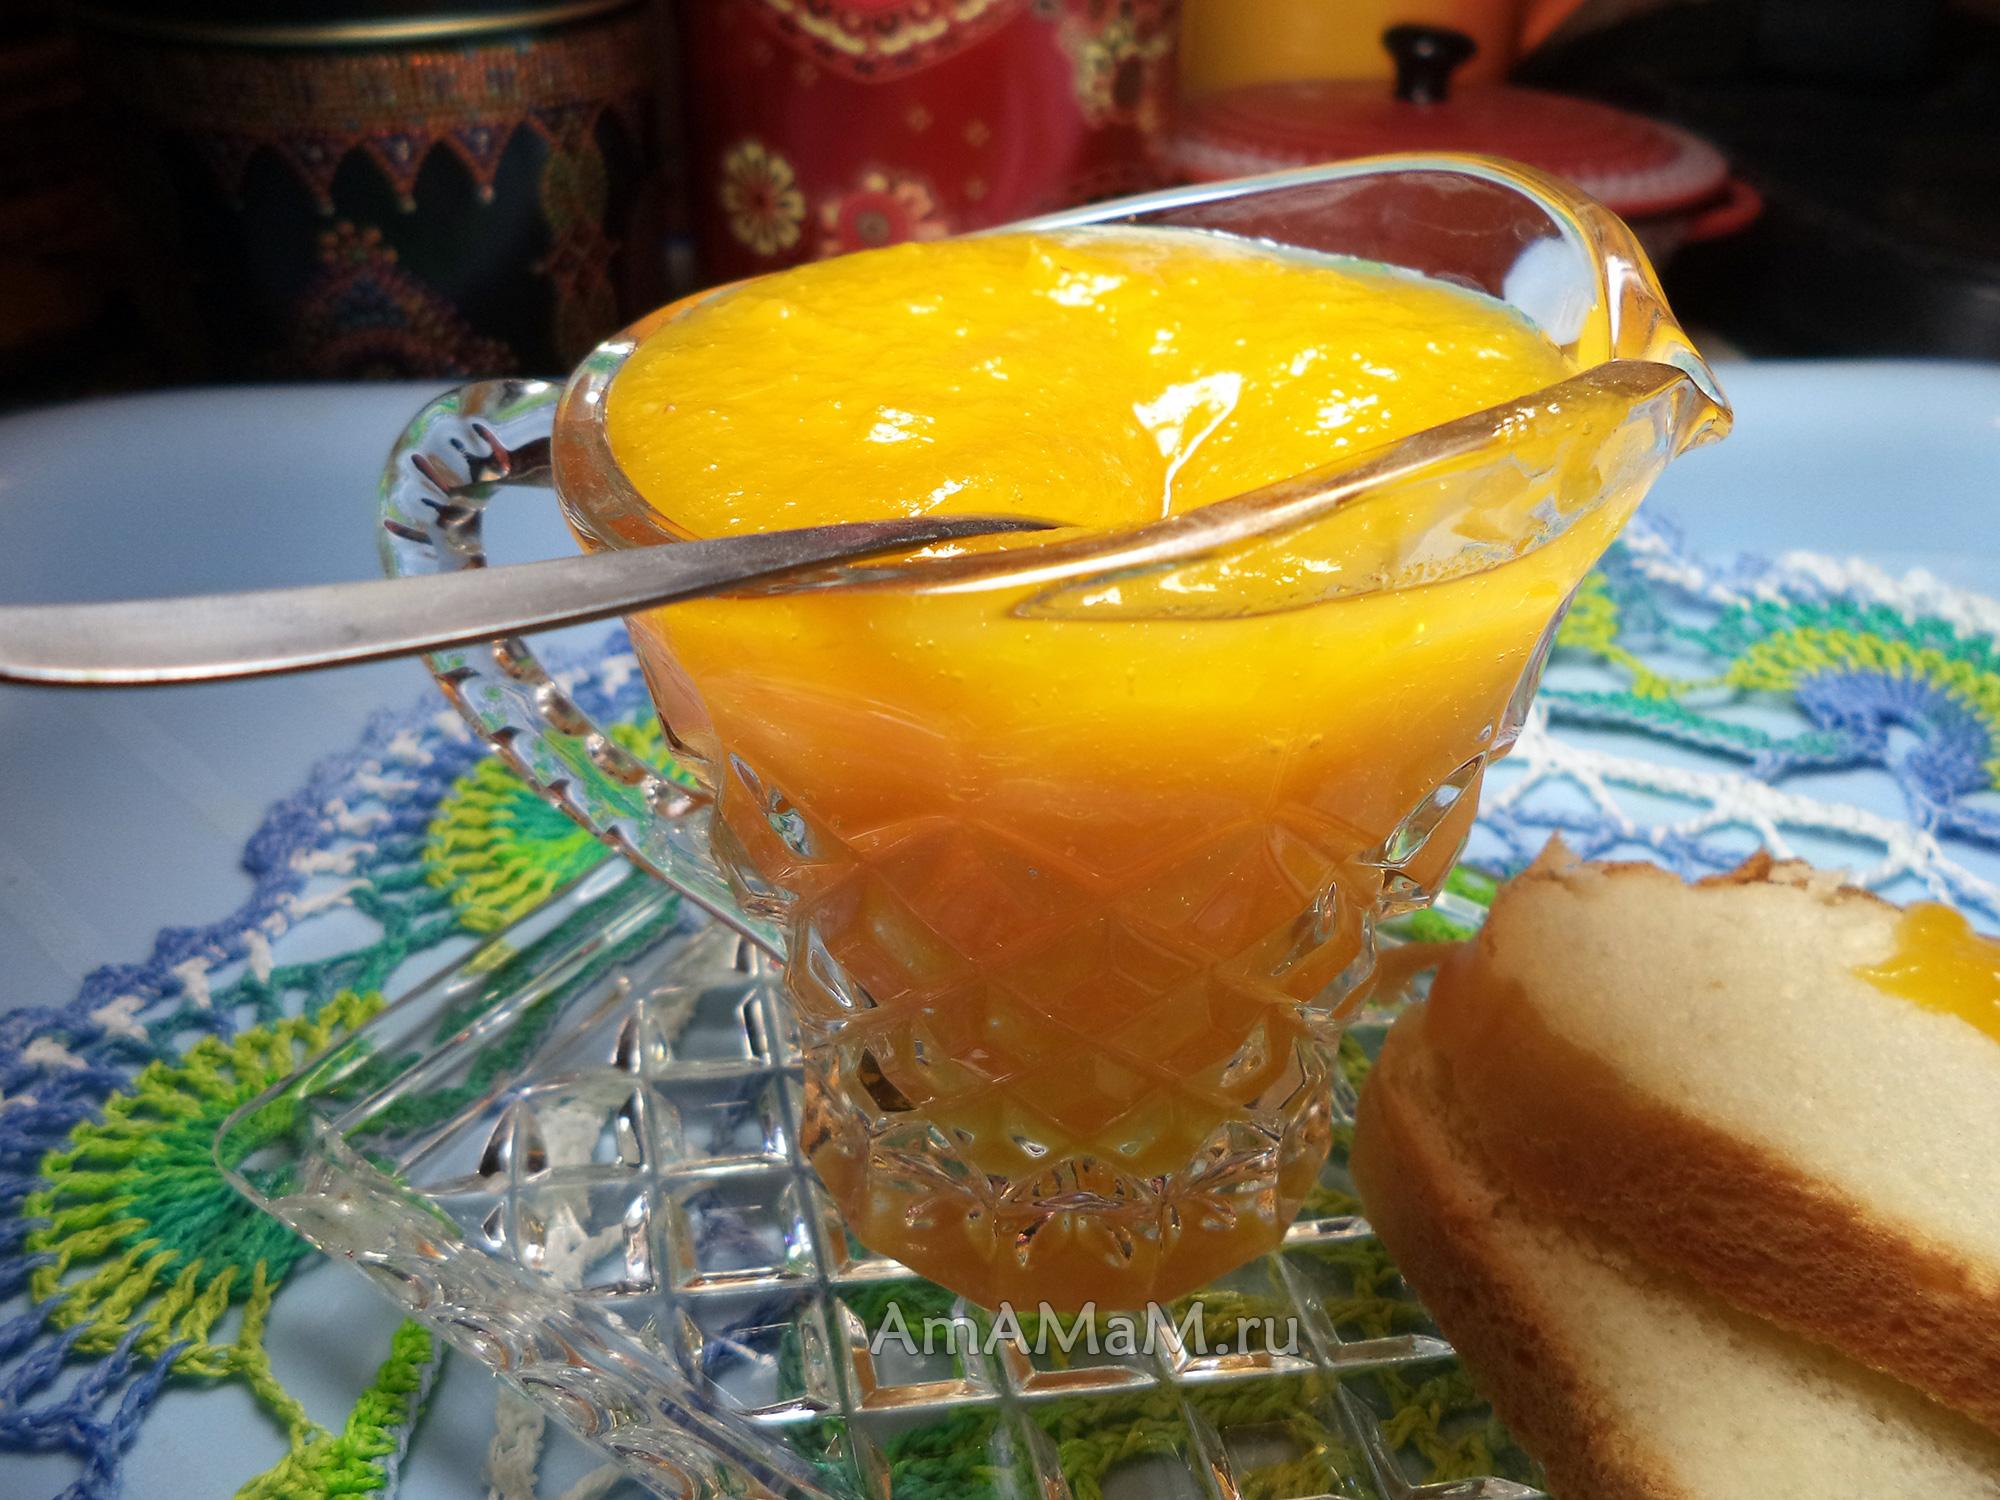 Греческий джем из апельсинов - рецепт с фото